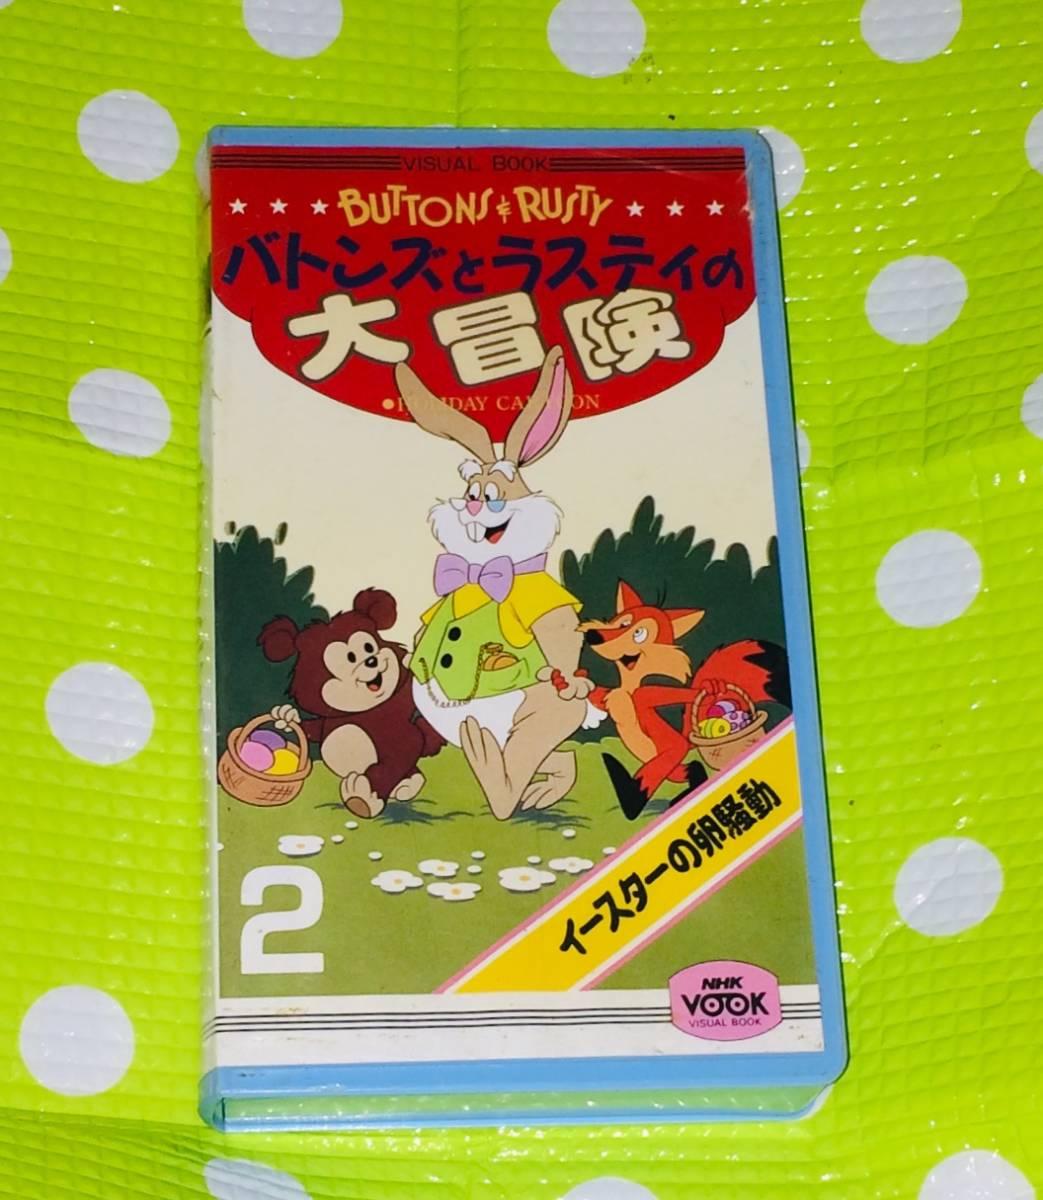 即決〈同梱歓迎〉VHS バトンズとラスティの大冒険2 NHK アニメ◎その他ビデオDVD多数出品中∞t427_画像1